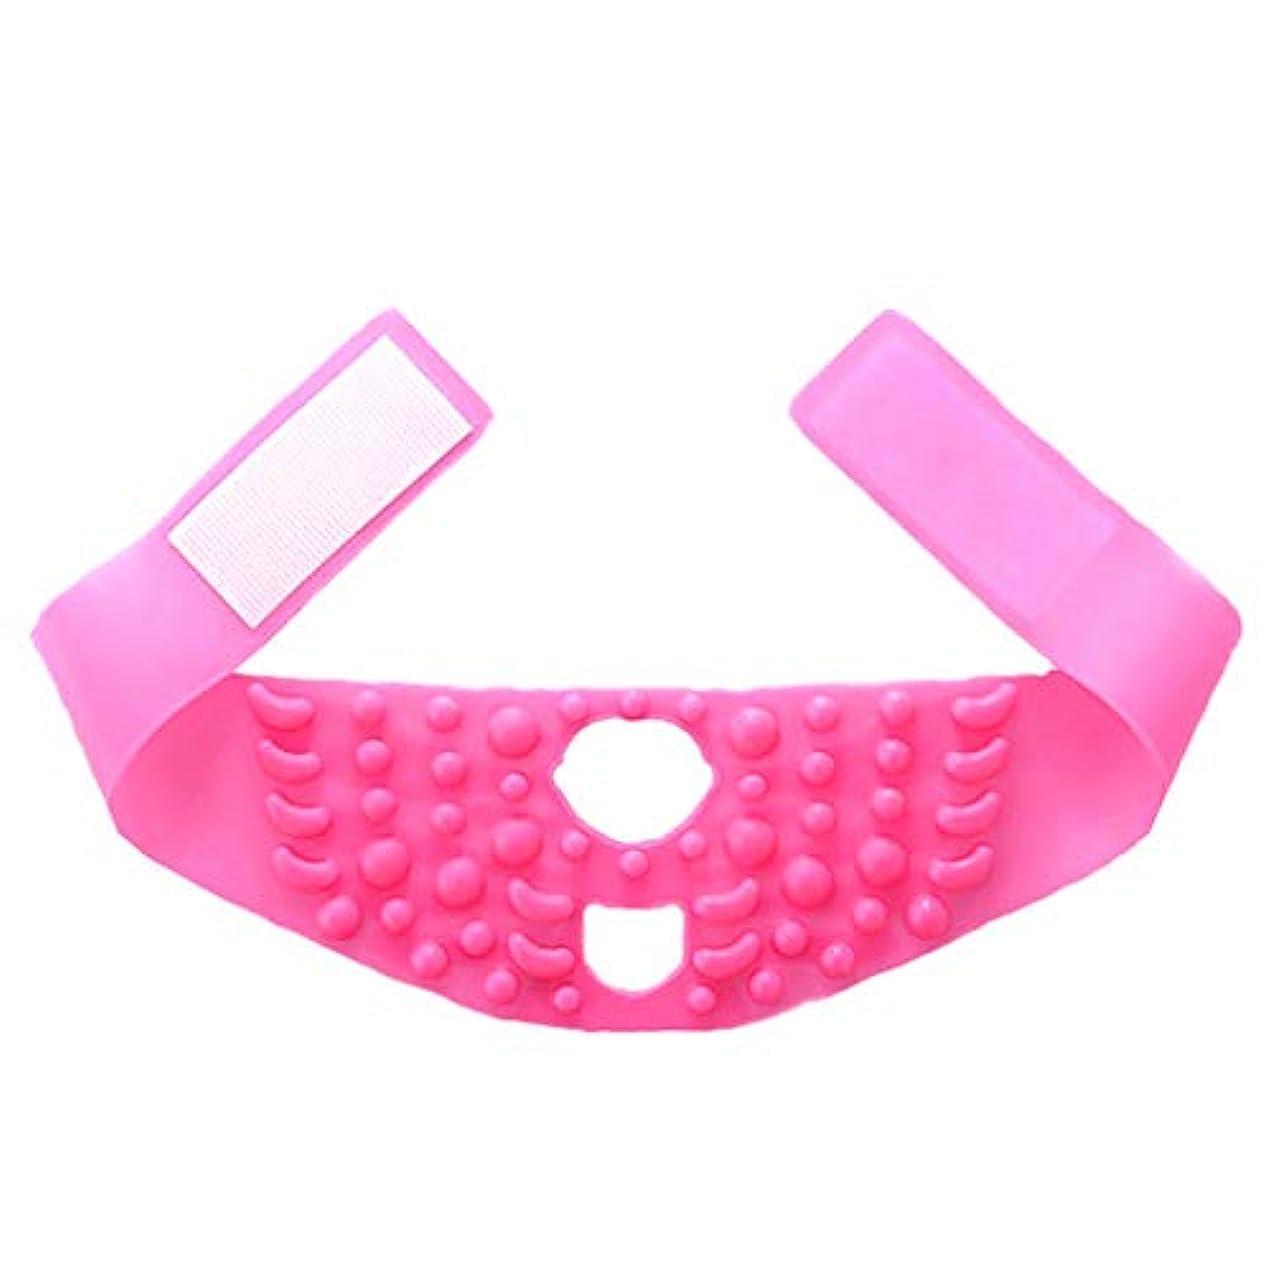 希少性治療あえてGLJJQMY 顔の持ち上がるマスクのあごのリボンのシリコーンVのマスクのマスク強力な包帯Vの表面の人工物小さいVの顔の包帯顔および首の持ち上がるピンクのシリコーンの包帯 顔用整形マスク